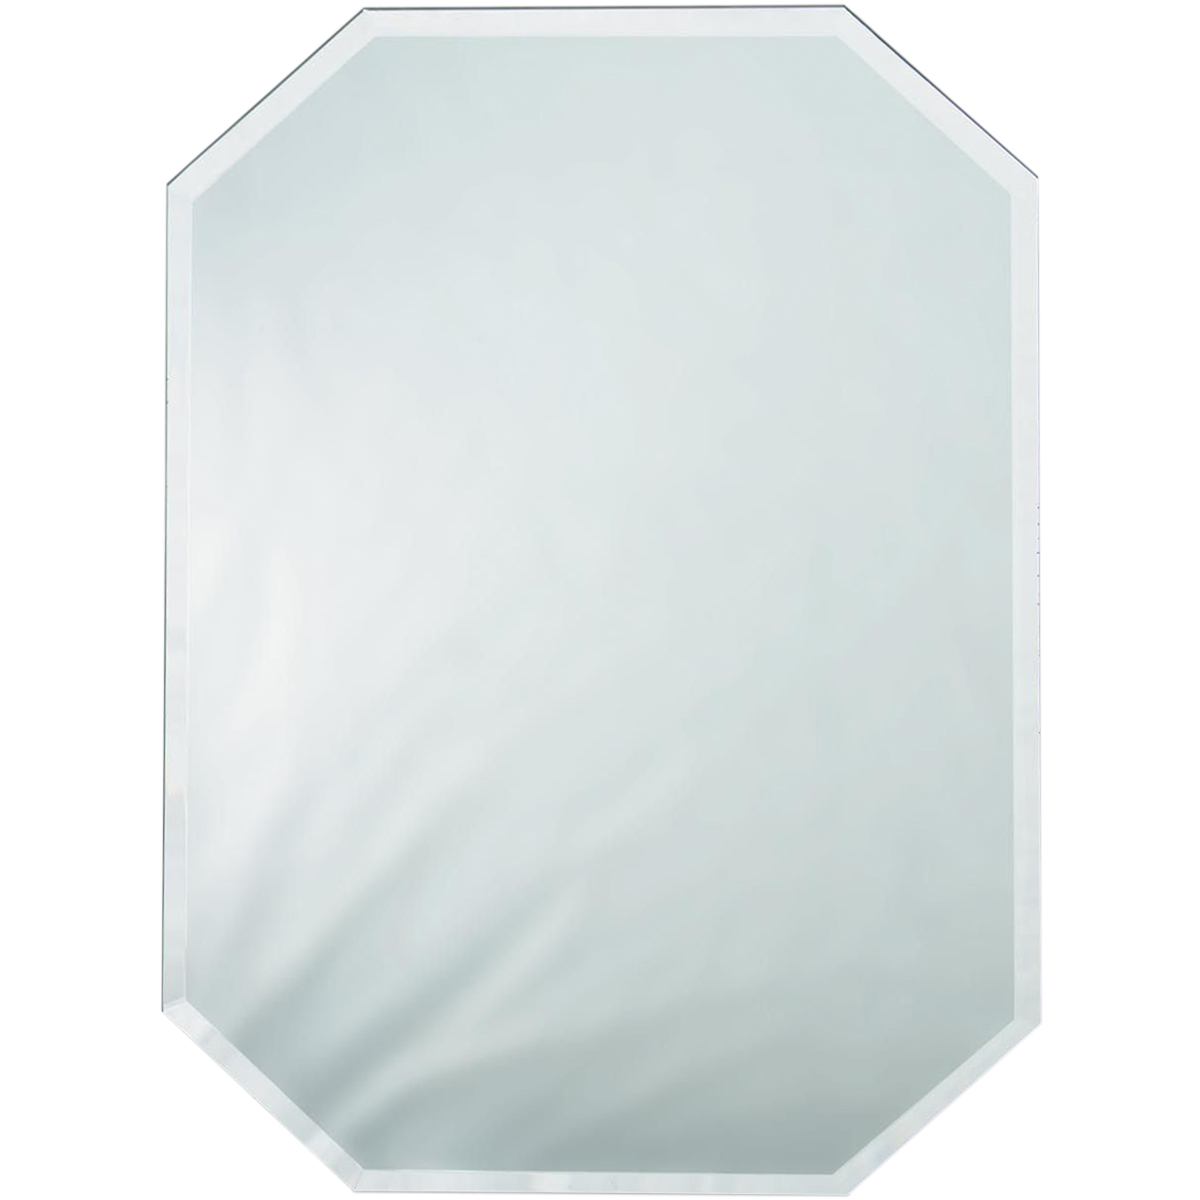 Darice Square Glass Mirror 2 Inches